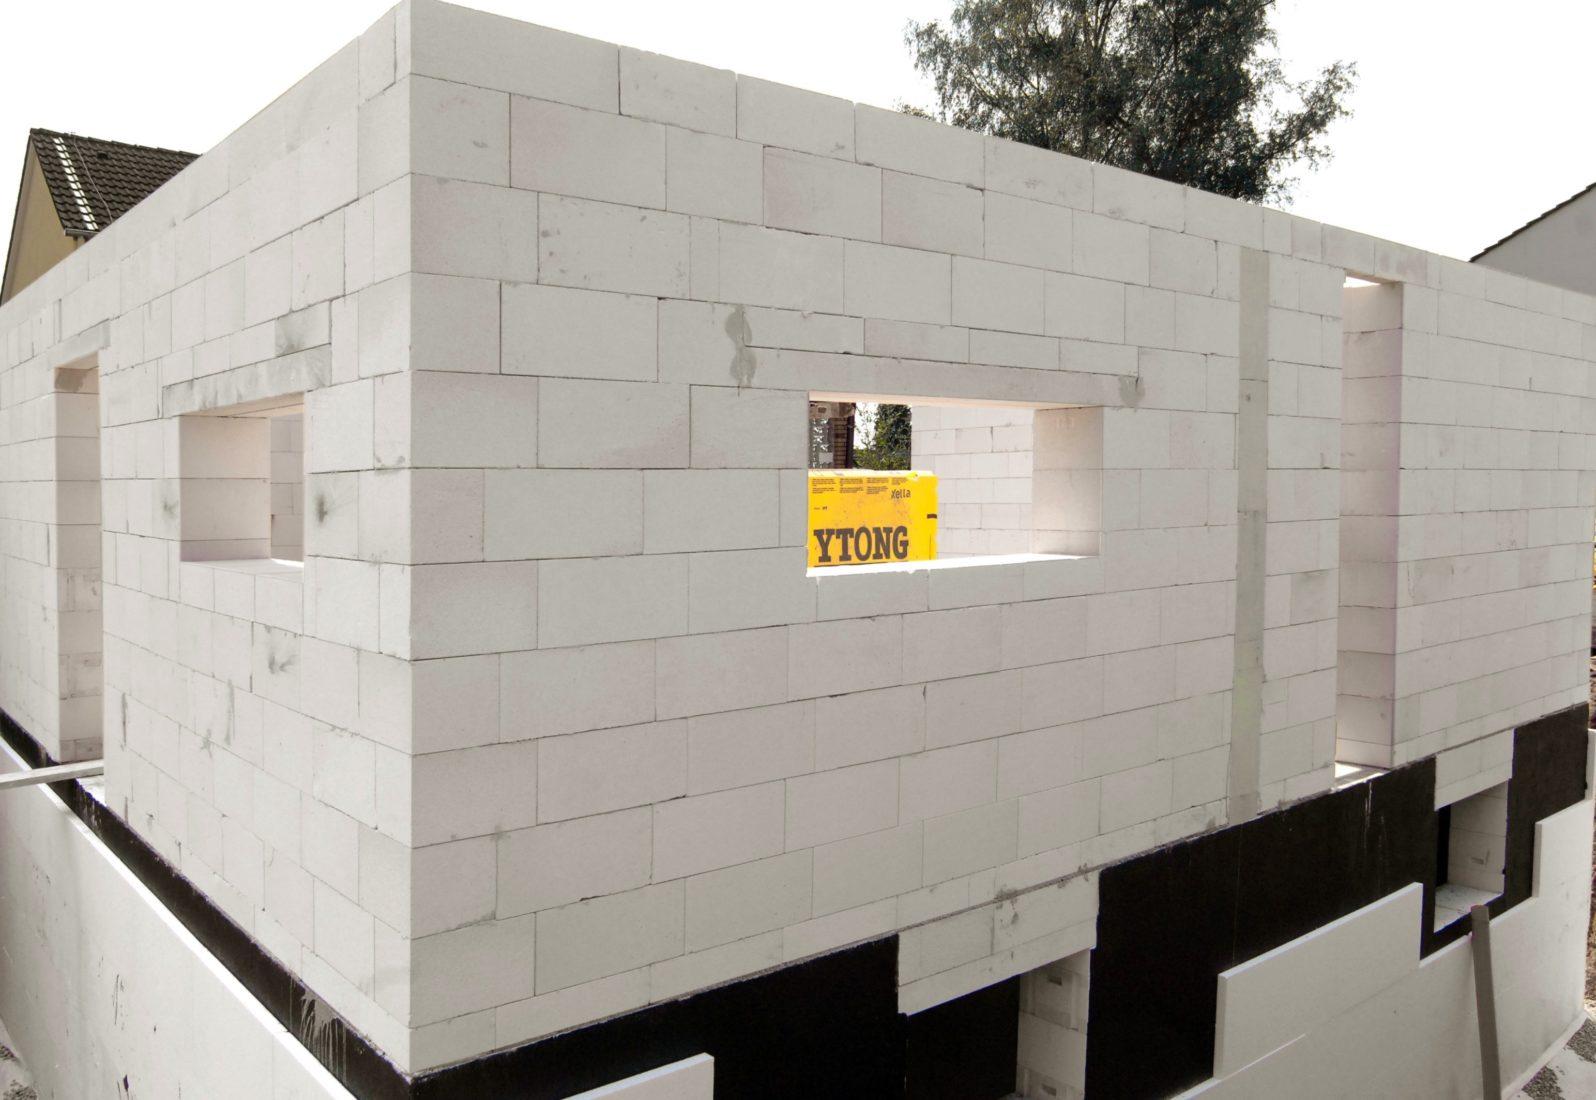 Über 70 % aller Wohnneubauten werden mit Mauerwerk errichtet. Foto: Xella